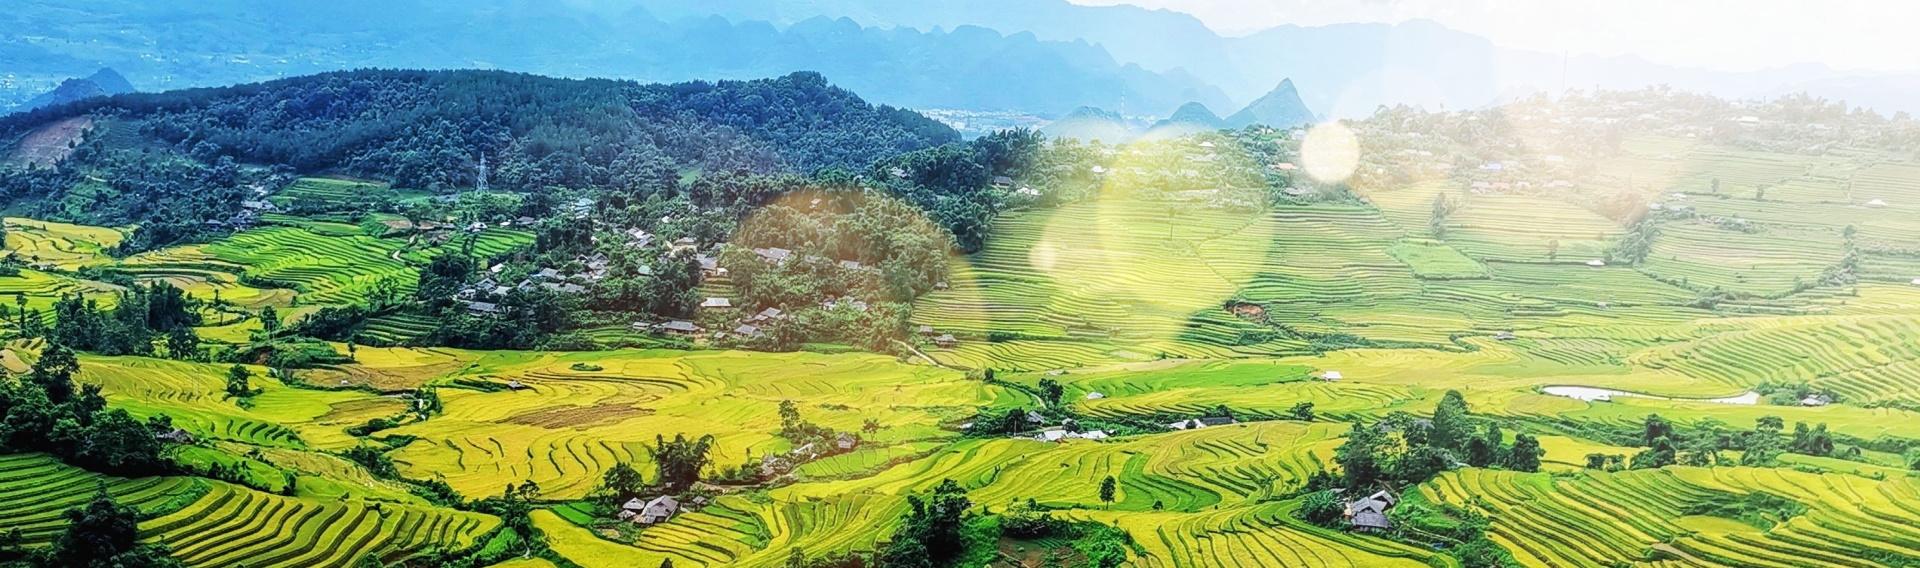 voyage nord du vietnam